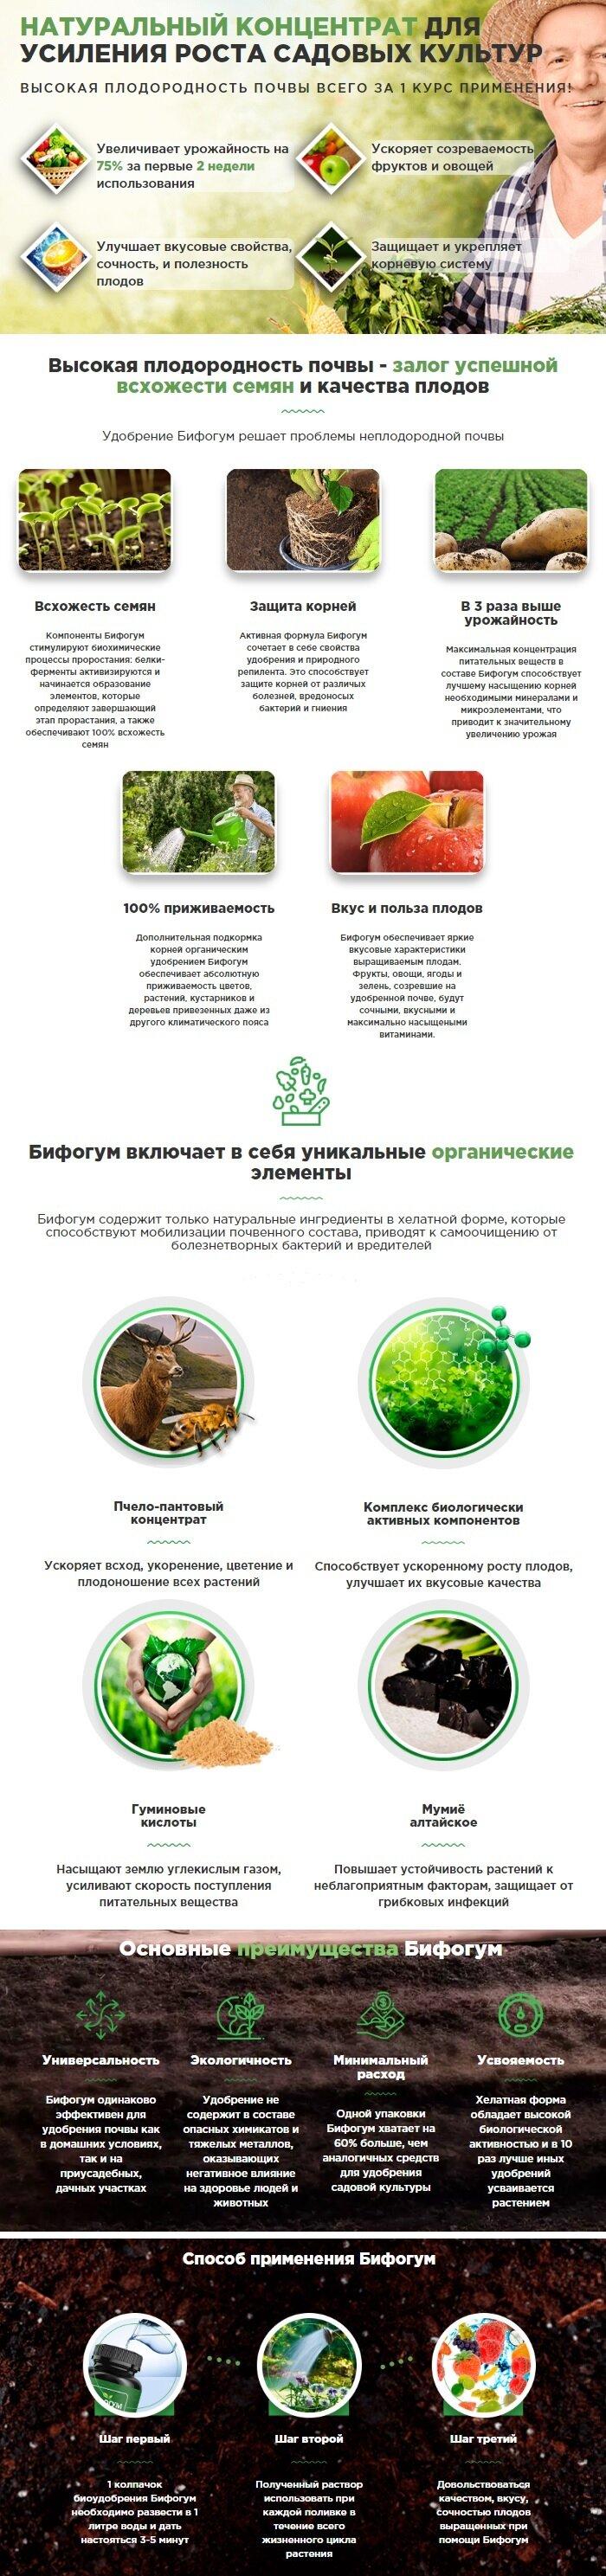 Органическое удобрение Бифогум 160 мл - фото Органическое удобрение Бифогум